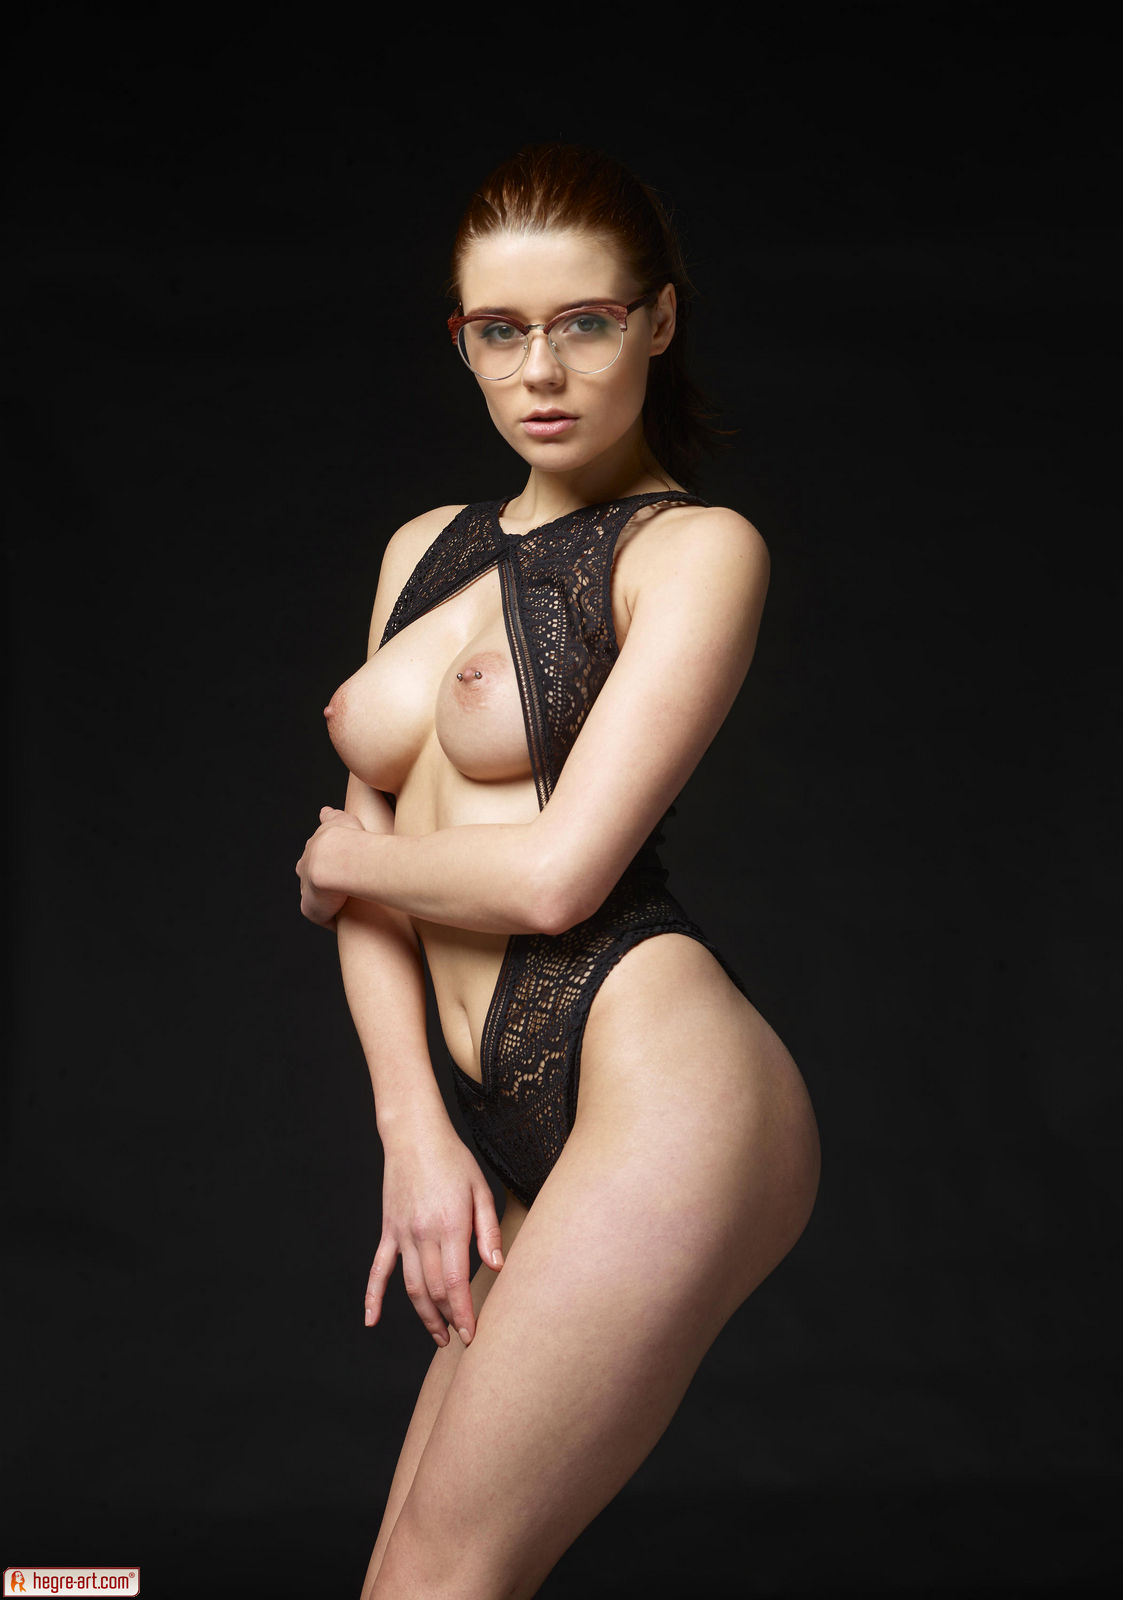 Zdjęcie porno - 1110 - Piękna okularnica